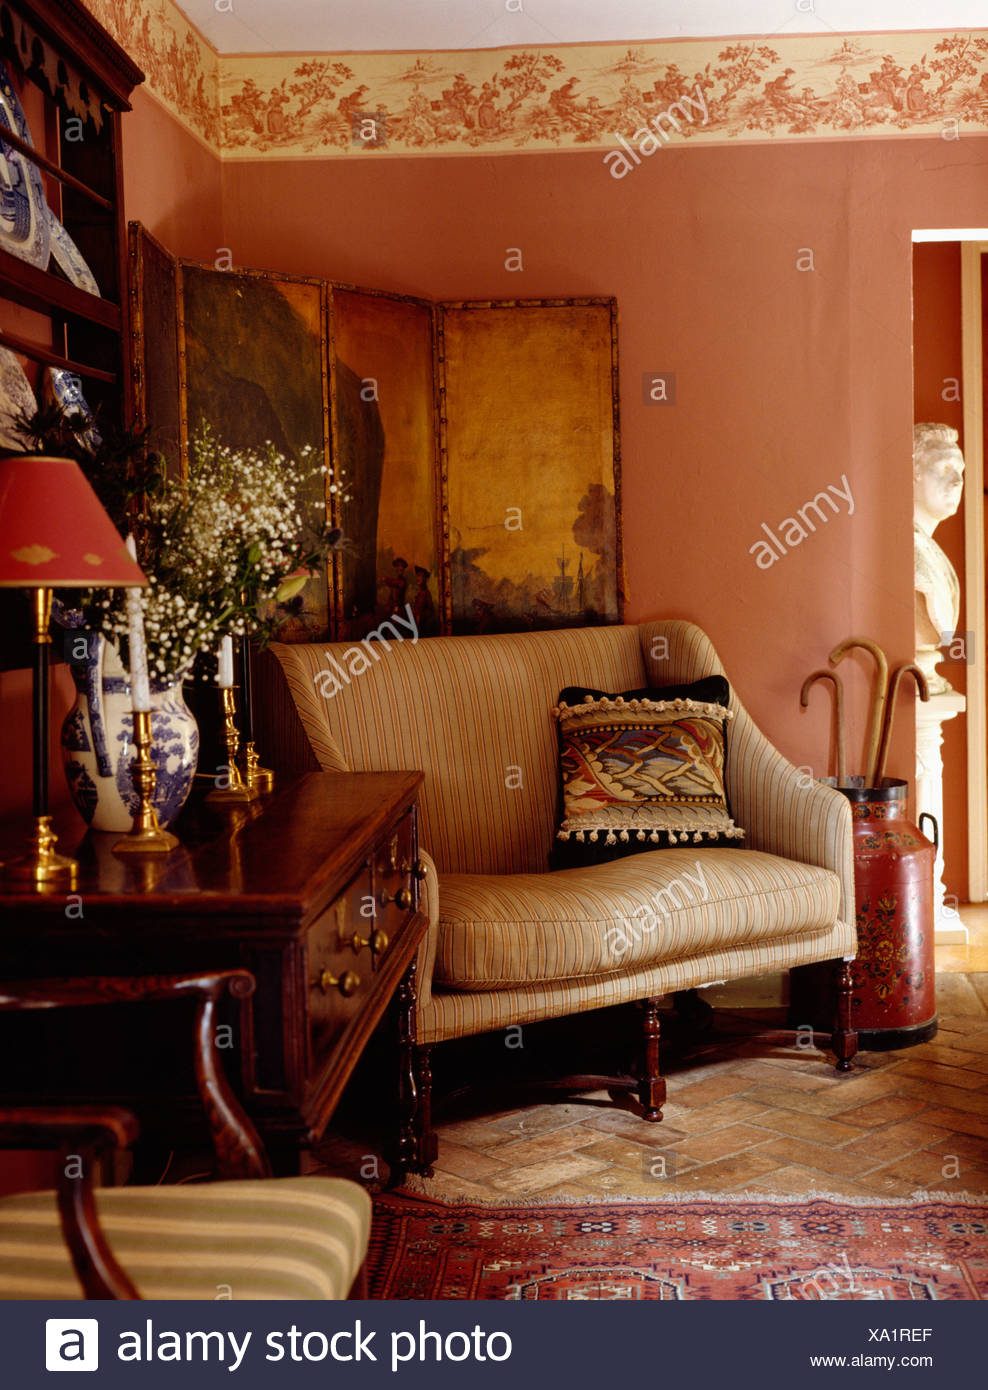 Elegant Creme Sofa Vor Antike Bemalte Leinwand In Rosa Hütte Wohnzimmer Mit  Wand Fries Und Antike Kommode